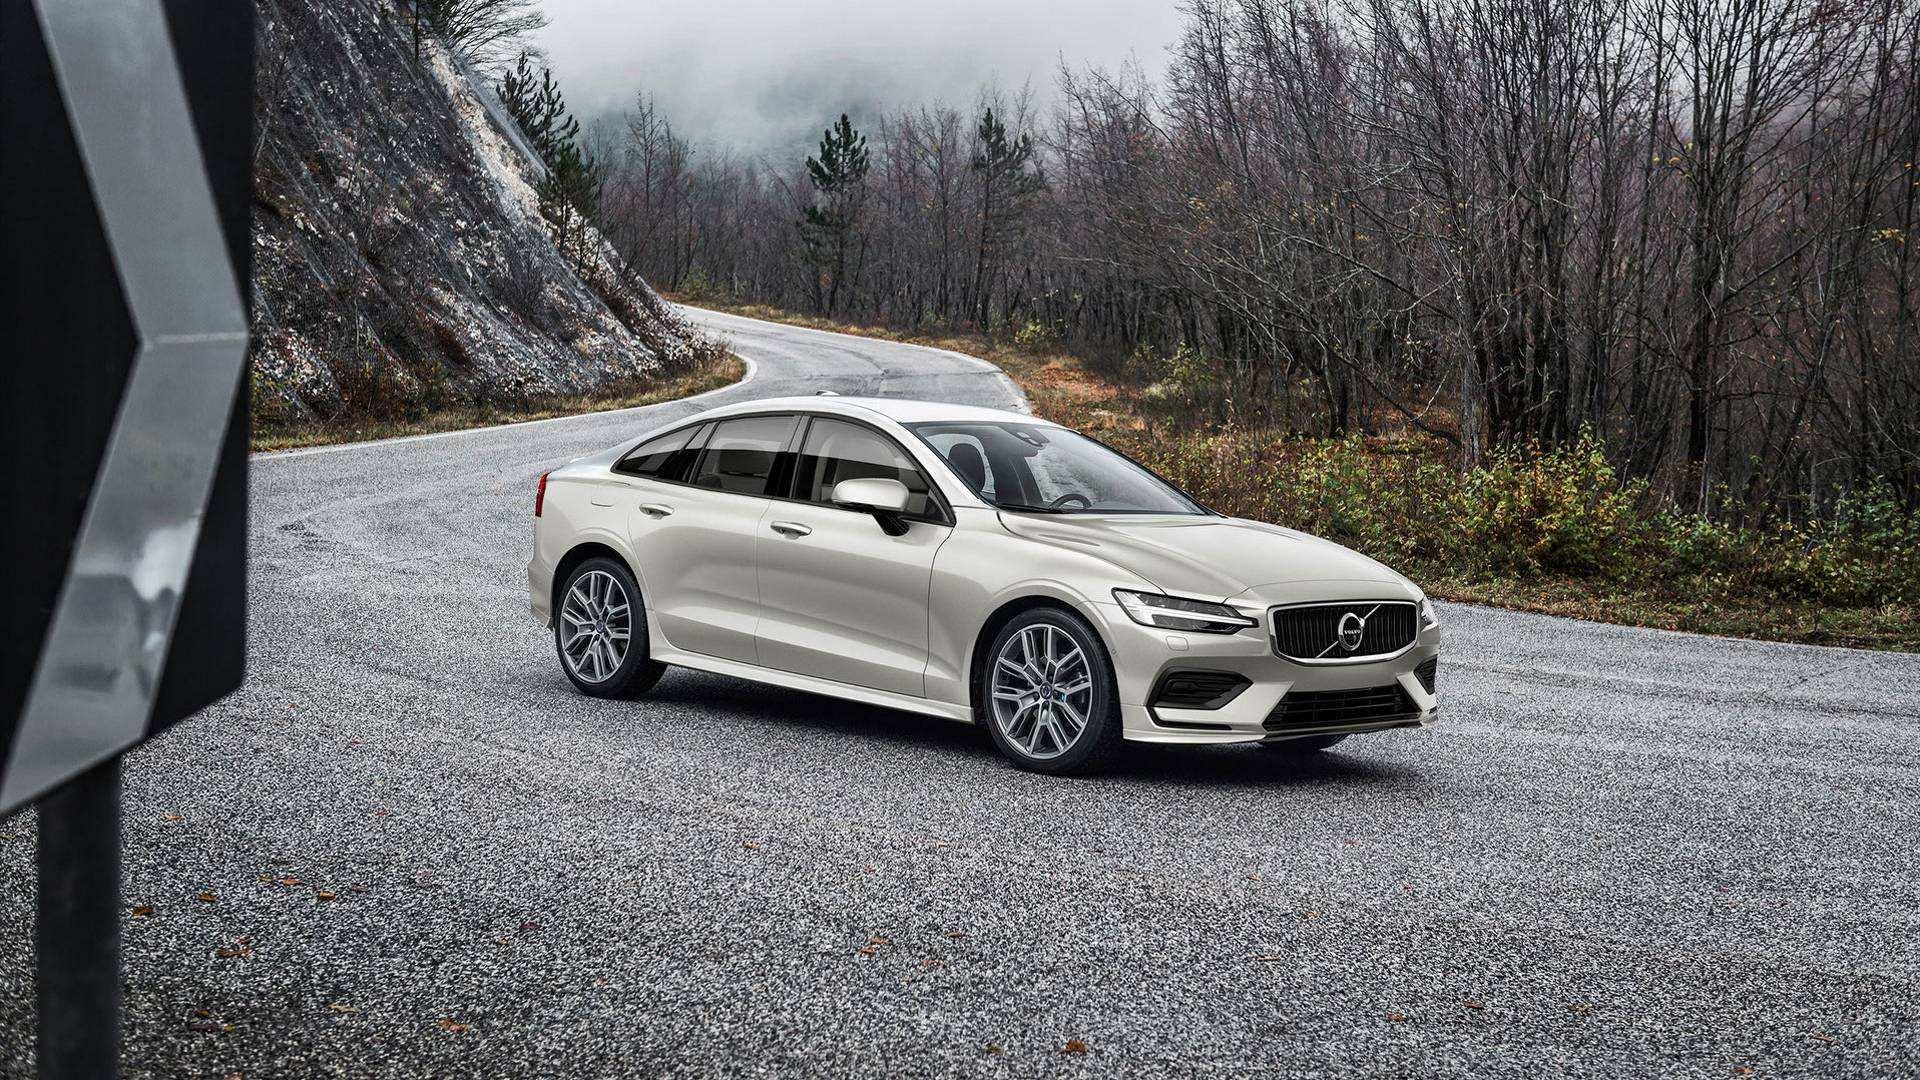 26 New Volvo 2019 Diesel Style with Volvo 2019 Diesel